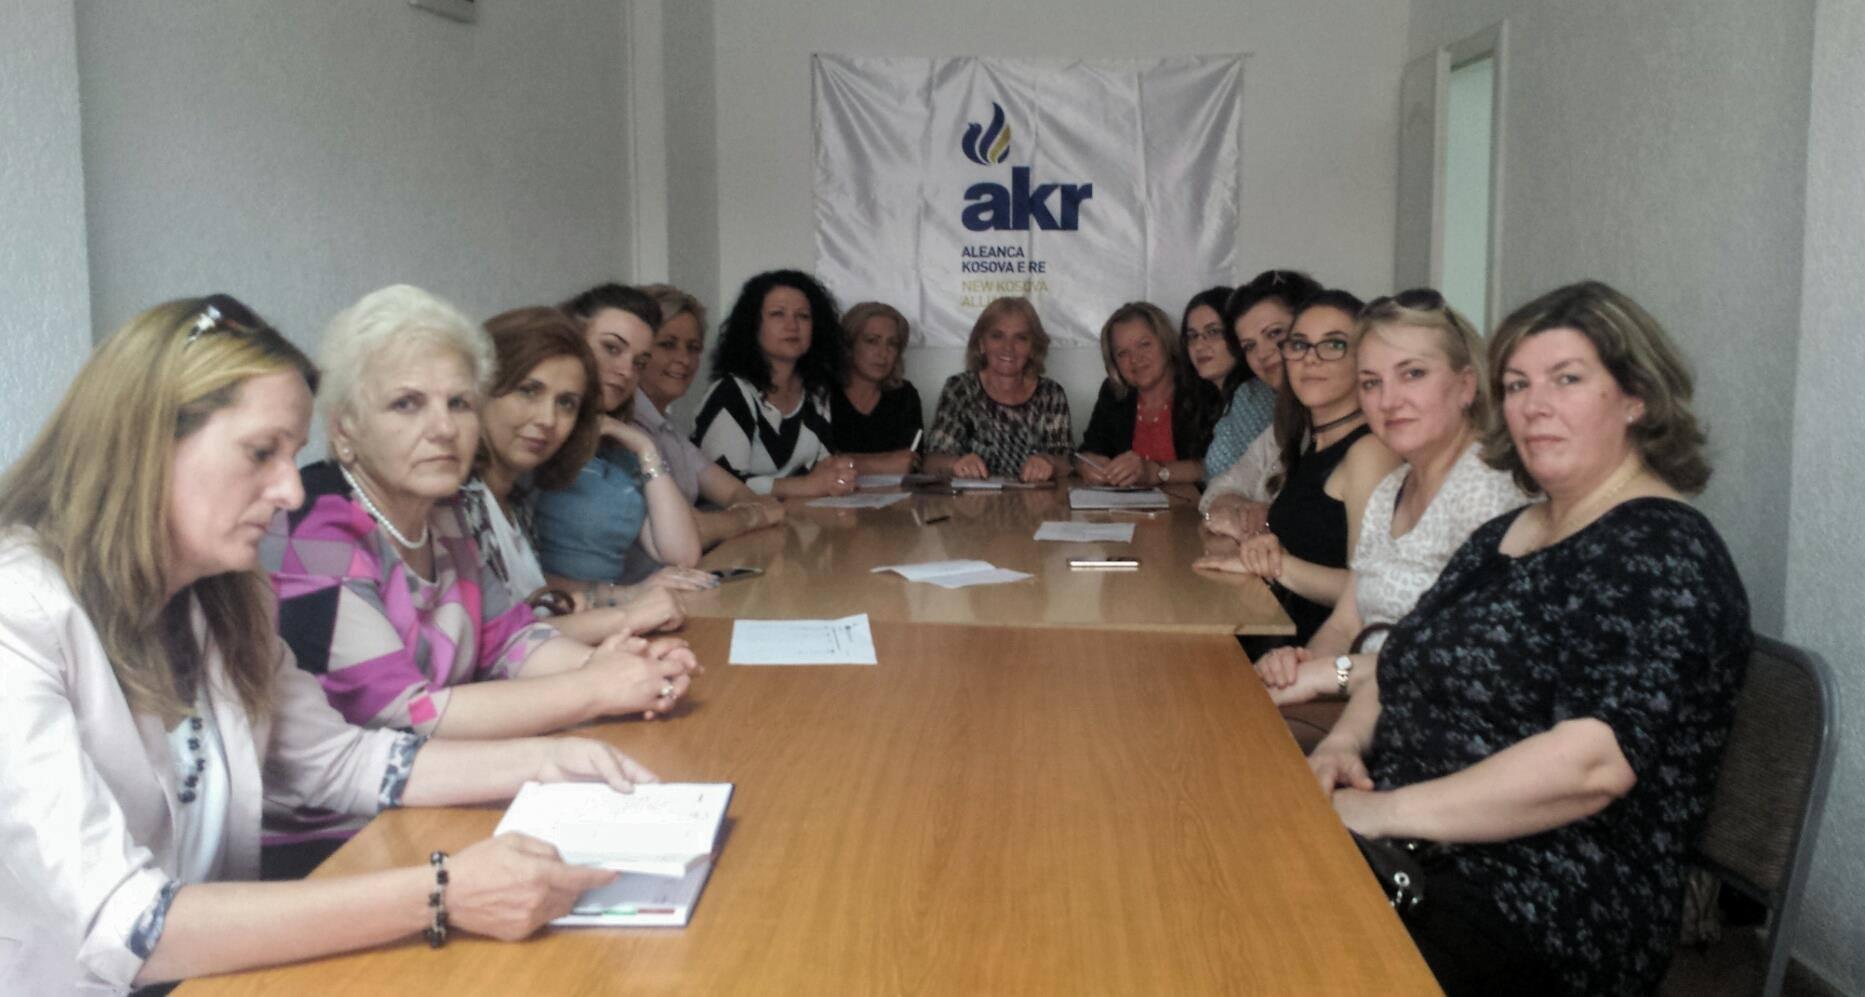 Vjollca Matoshi: Forumi i Gruas së AKR-së në Gjilan është gati për zgjedhjet 11 qershorit